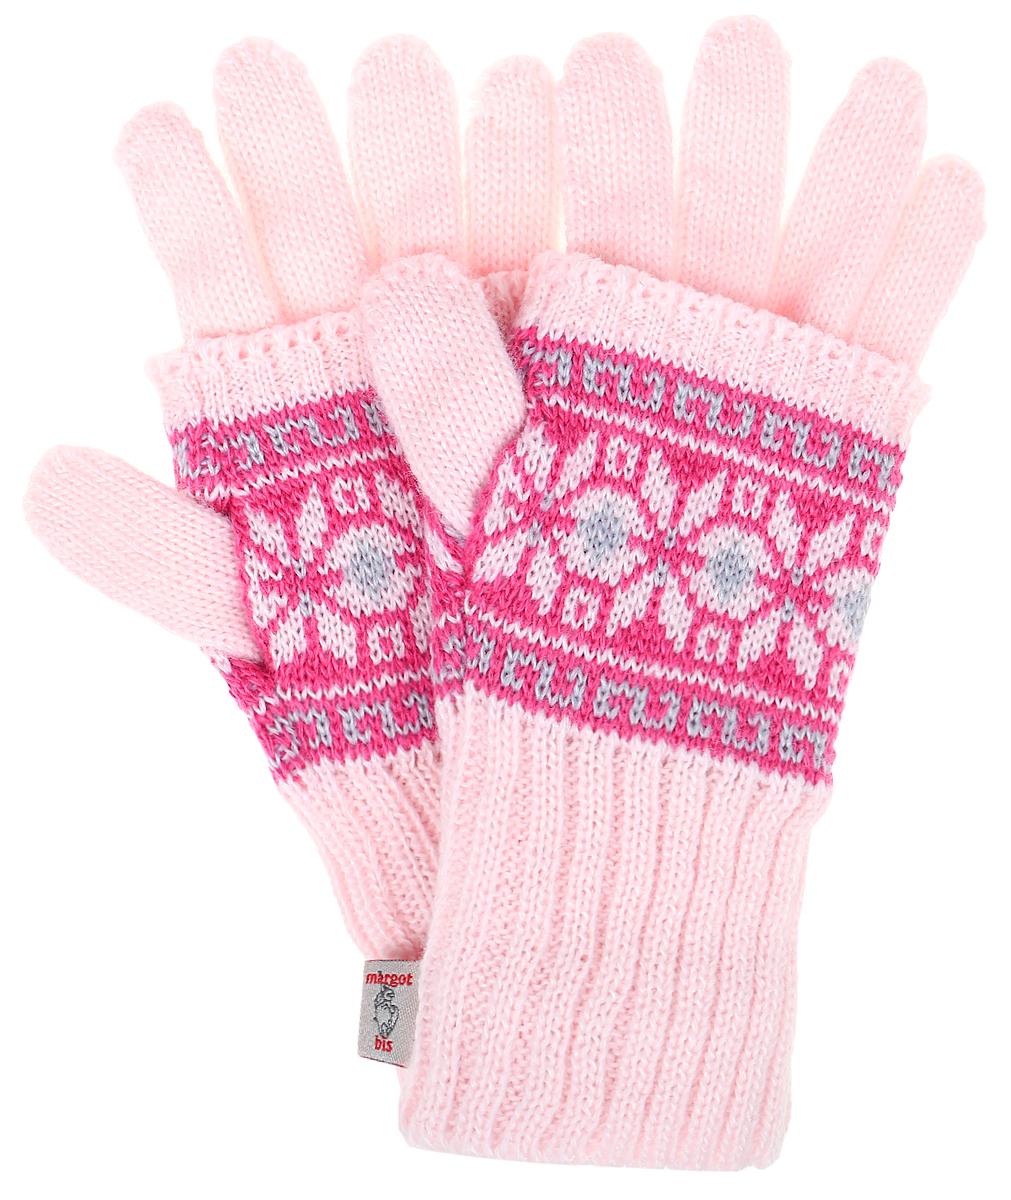 Перчатки детскиеAlina-22Теплые детские перчатки 2 в 1 Margot Bis выполнены из высококачественного акрила и оформлены оригинальным принтом в виде орнамента. Модель состоит из митенок и перчаток, которые можно носить как вместе, так и по раздельности. Митенки имеют отверстие для большого пальца. Перчатки очень мягкие и приятные на ощупь, не раздражают нежную кожу ребенка, хорошо сохраняют тепло. Верх модели на мягкой резинке, которая не стягивает запястья и надежно фиксирует перчатки на руках ребенка.